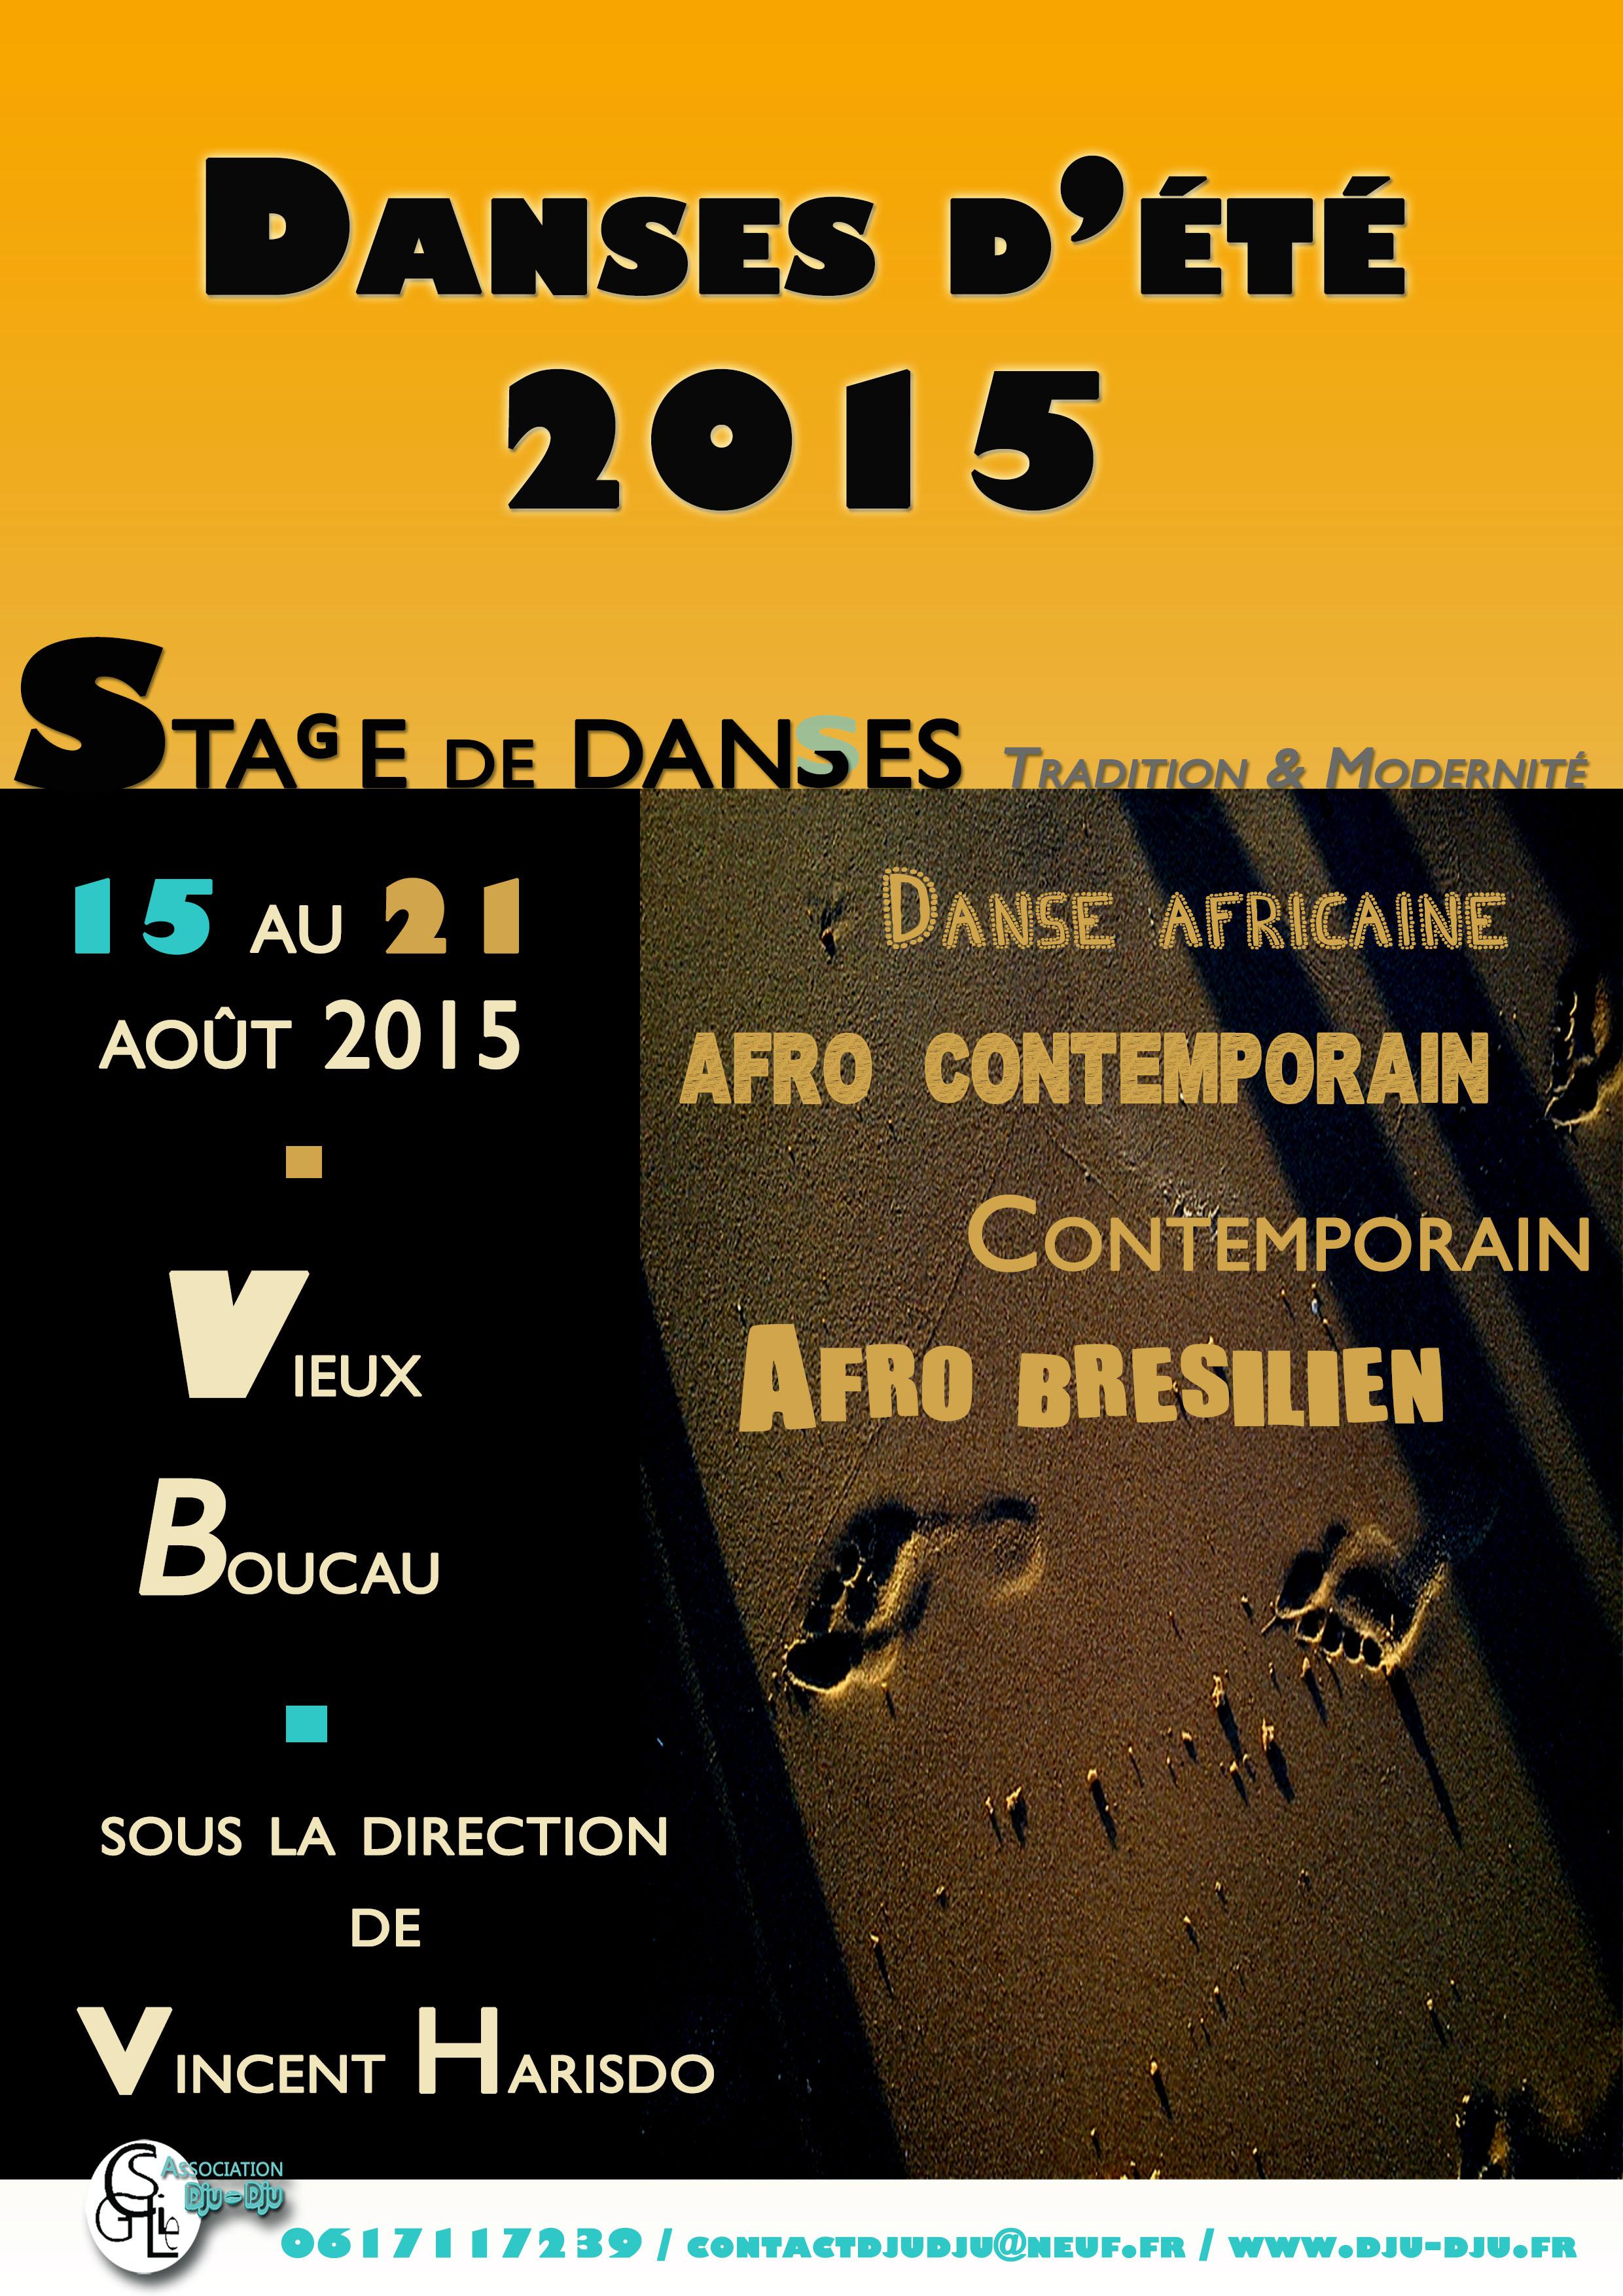 Danses d'été 2015